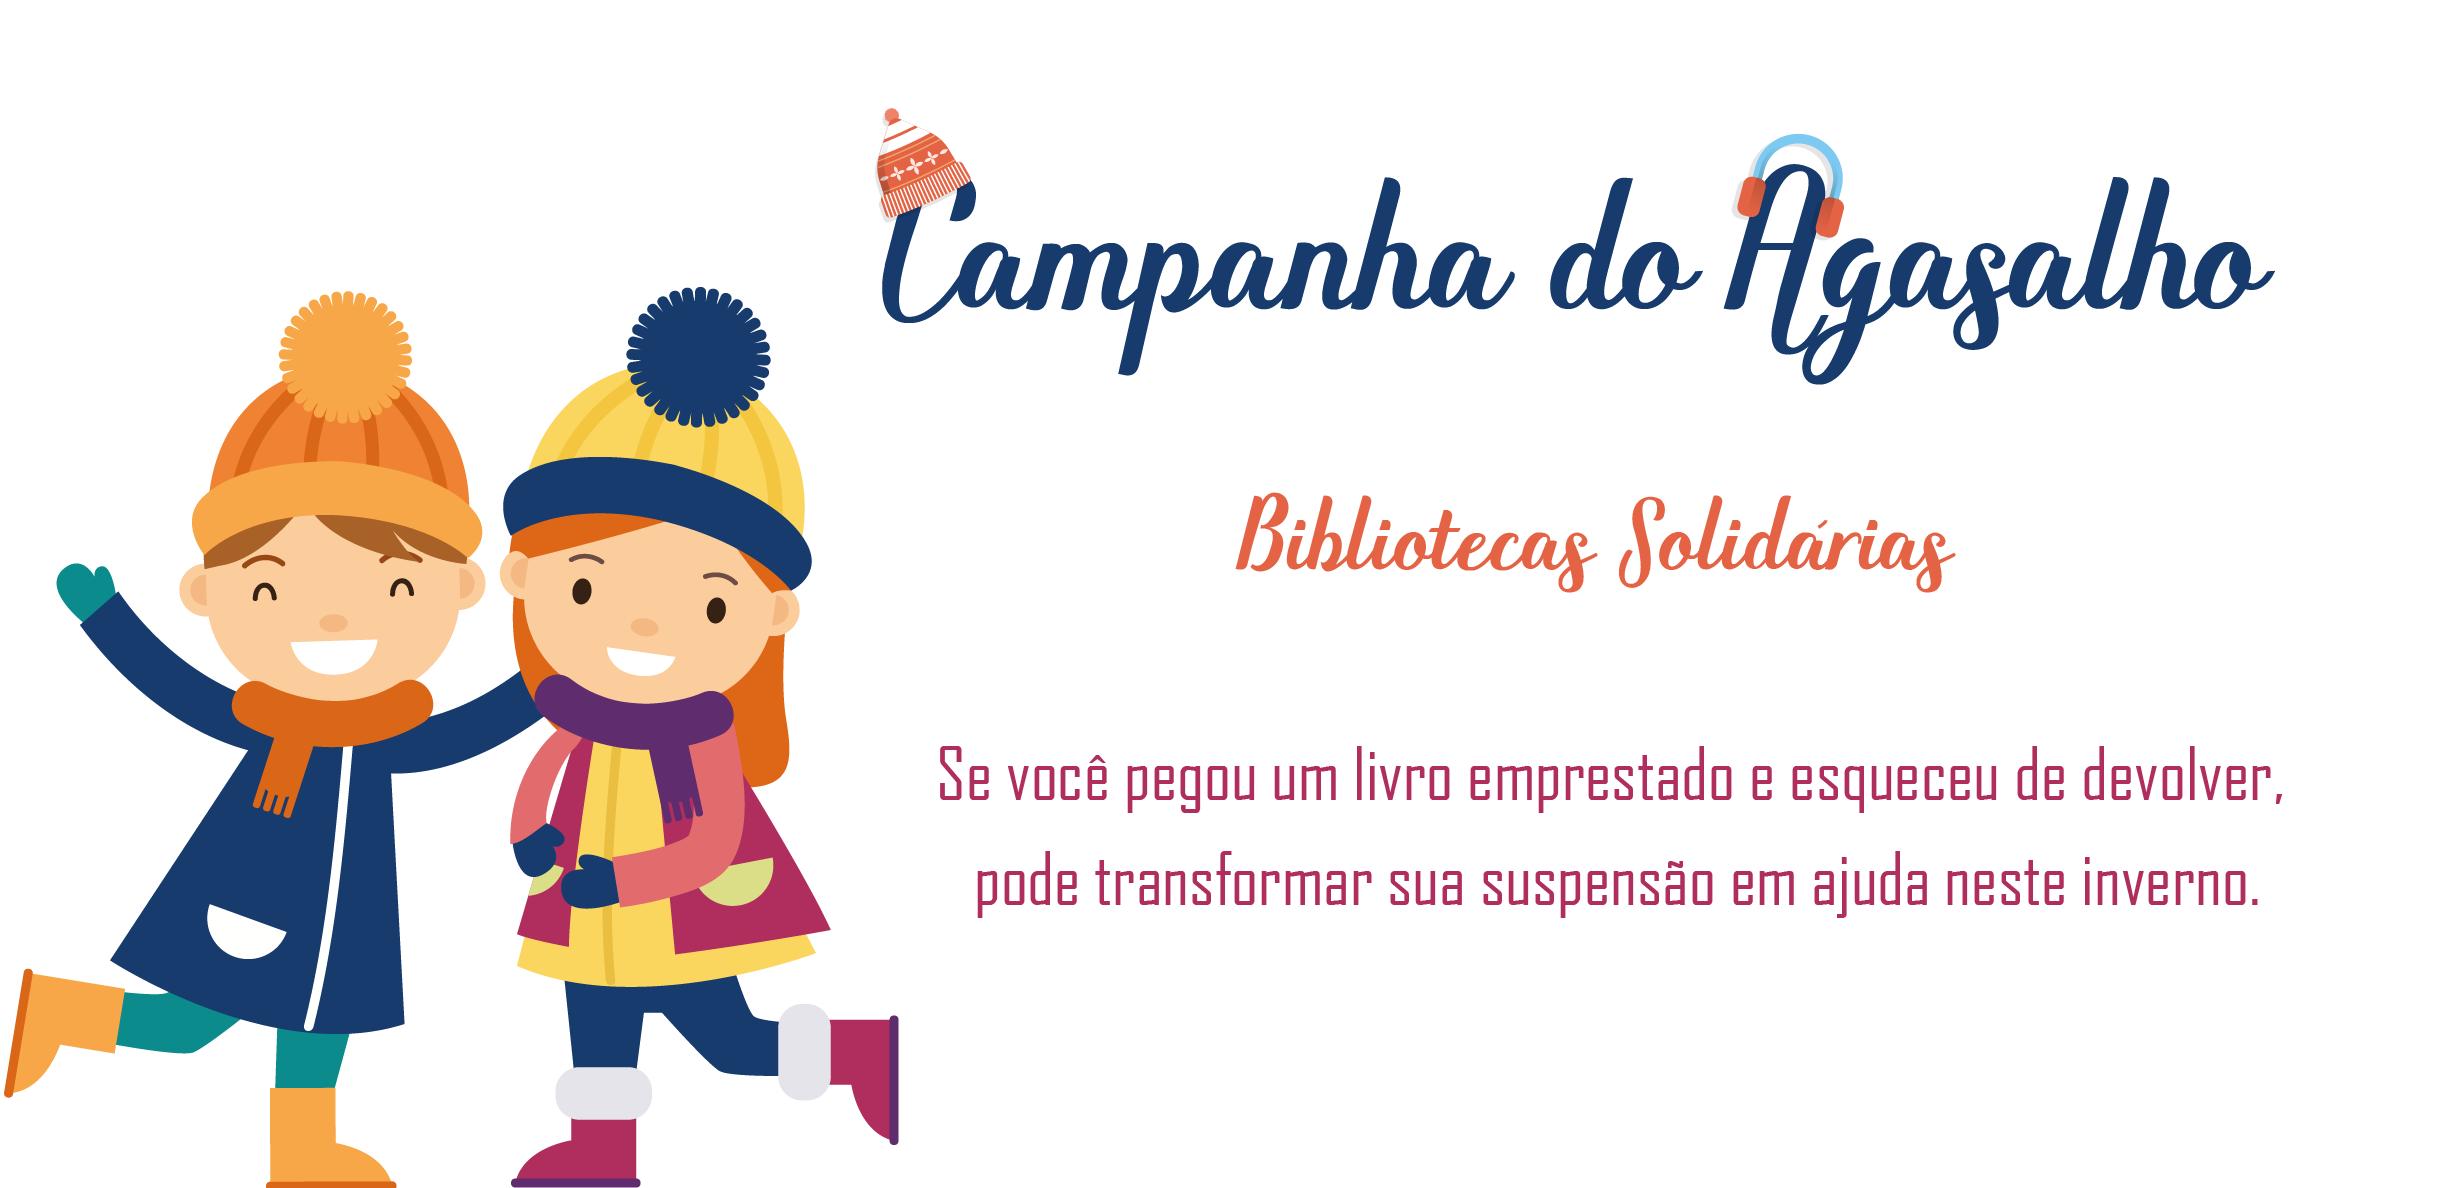 Campanha do Agasalho - Bibliotecas Solidárias